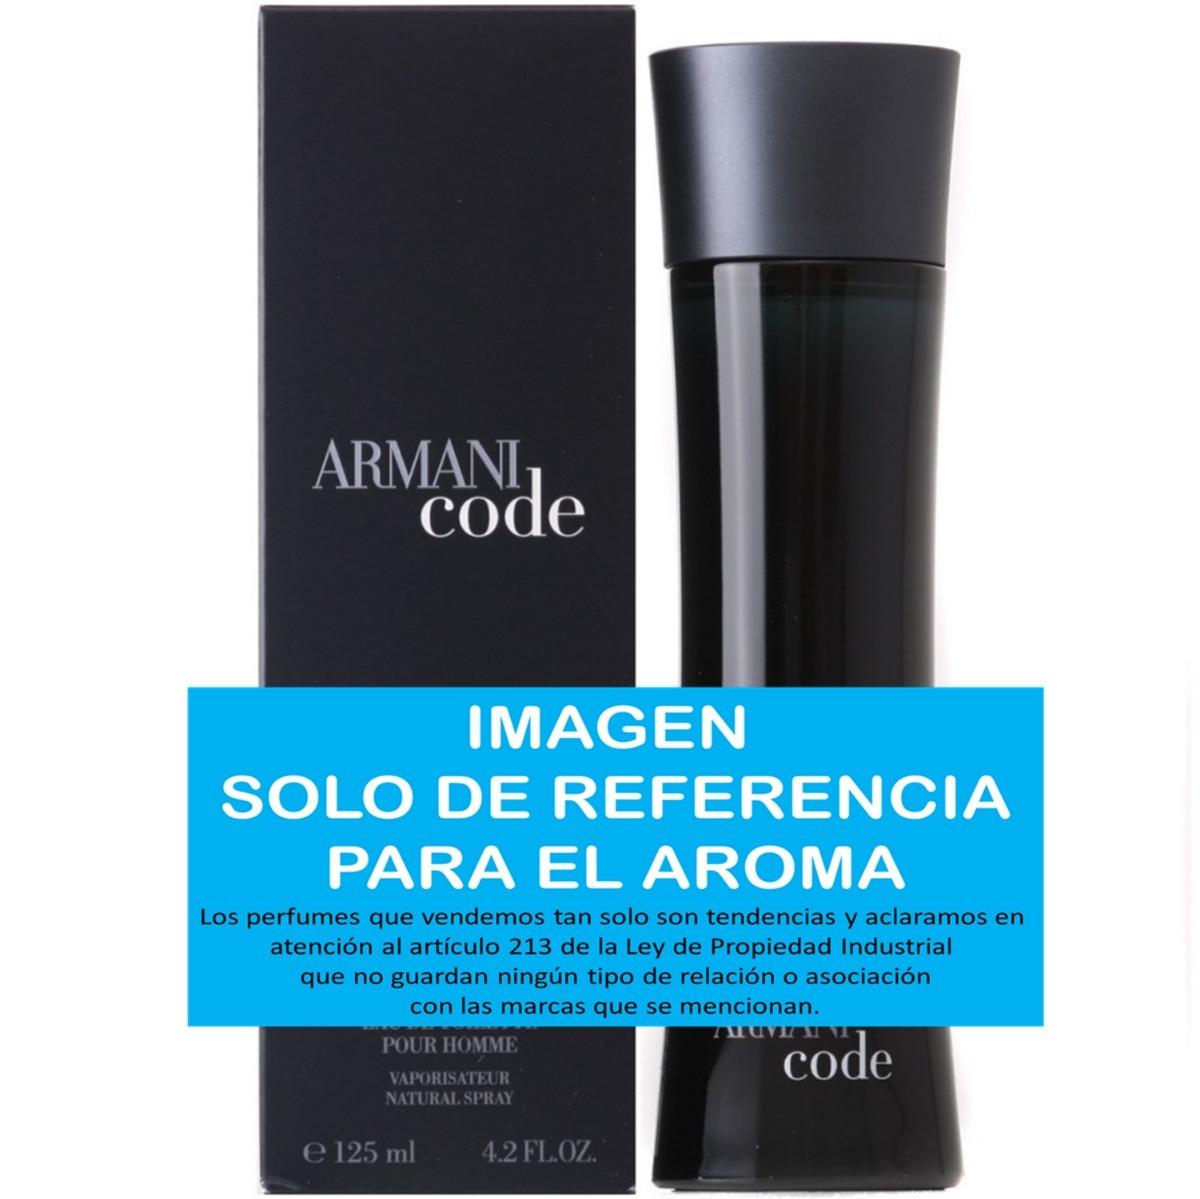 f79f40d09 Perfume Contratipo O Tendencia A Code Zenz Feromonas -   129.00 en ...